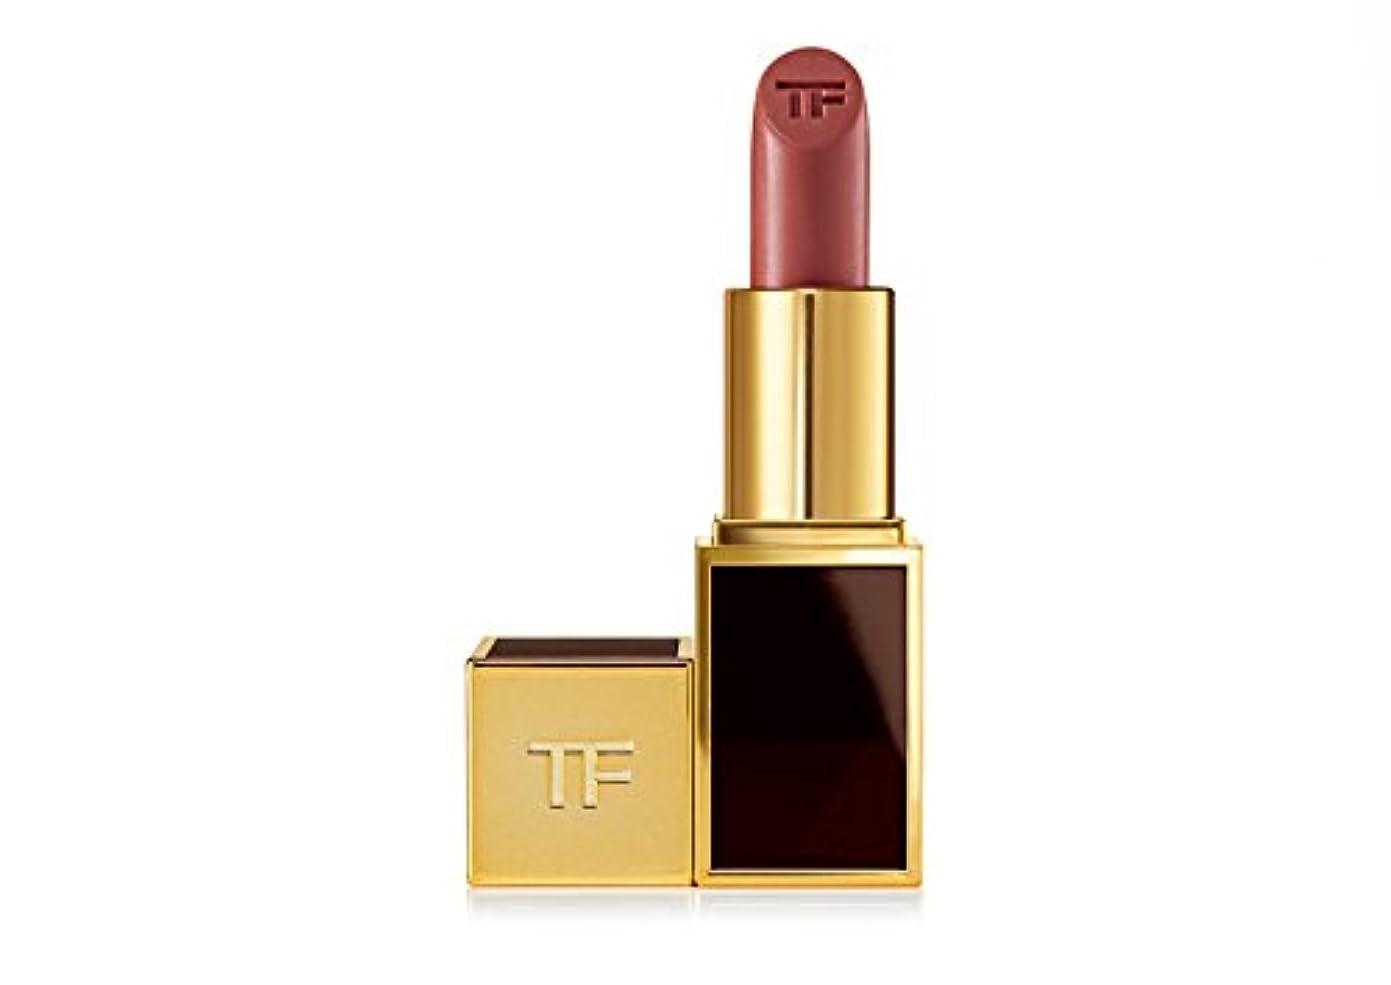 乳剤ロボットサイズトムフォード リップス アンド ボーイズ 11 中立 リップカラー 口紅 Tom Ford Lipstick 11 NEUTRALS Lip Color Lips and Boys (#20 Richard リチャード)...